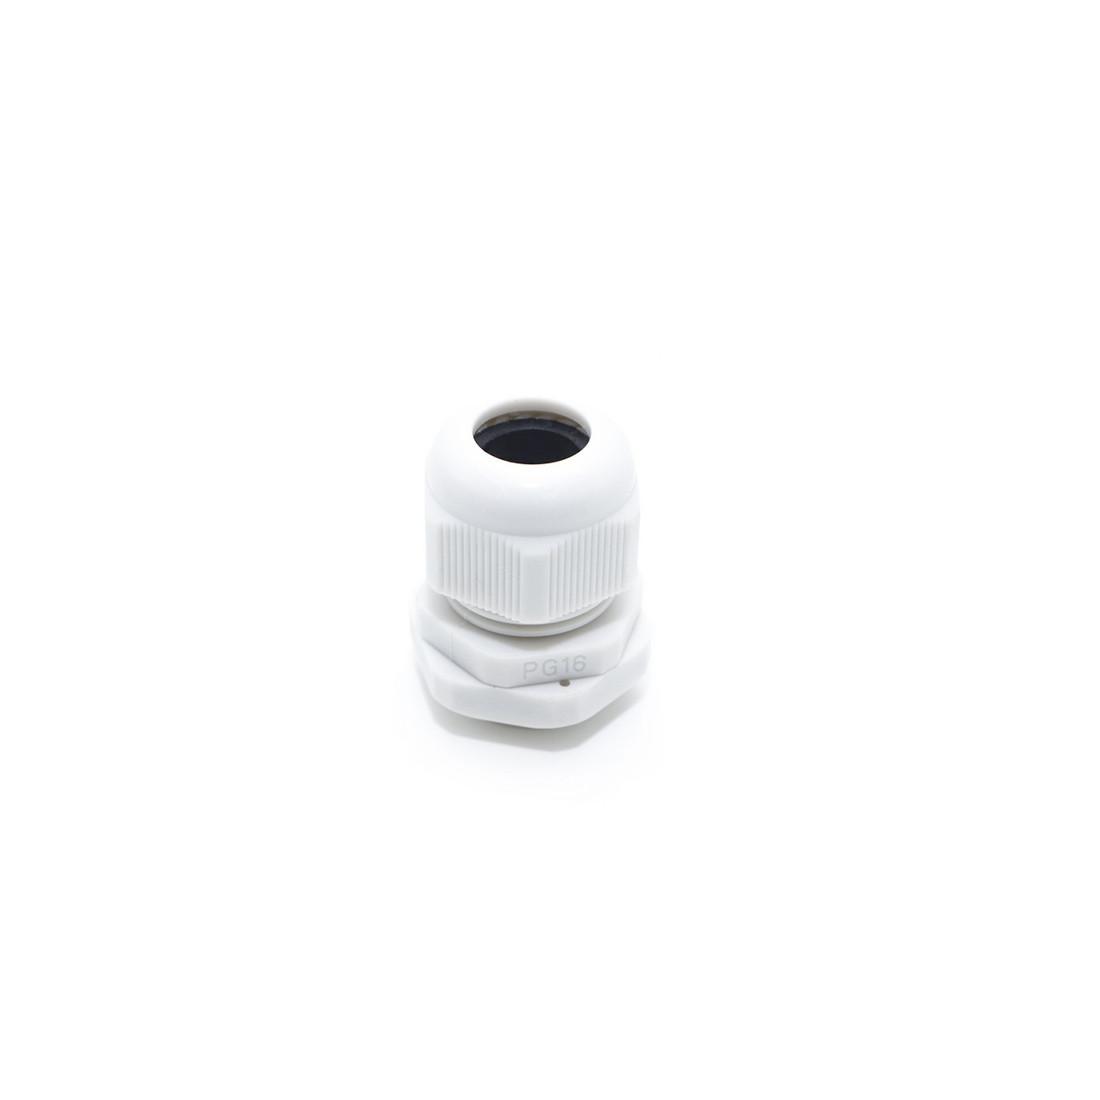 Фитинг Deluxe PG 16 (10~14 мм) (100 шт/упак.)